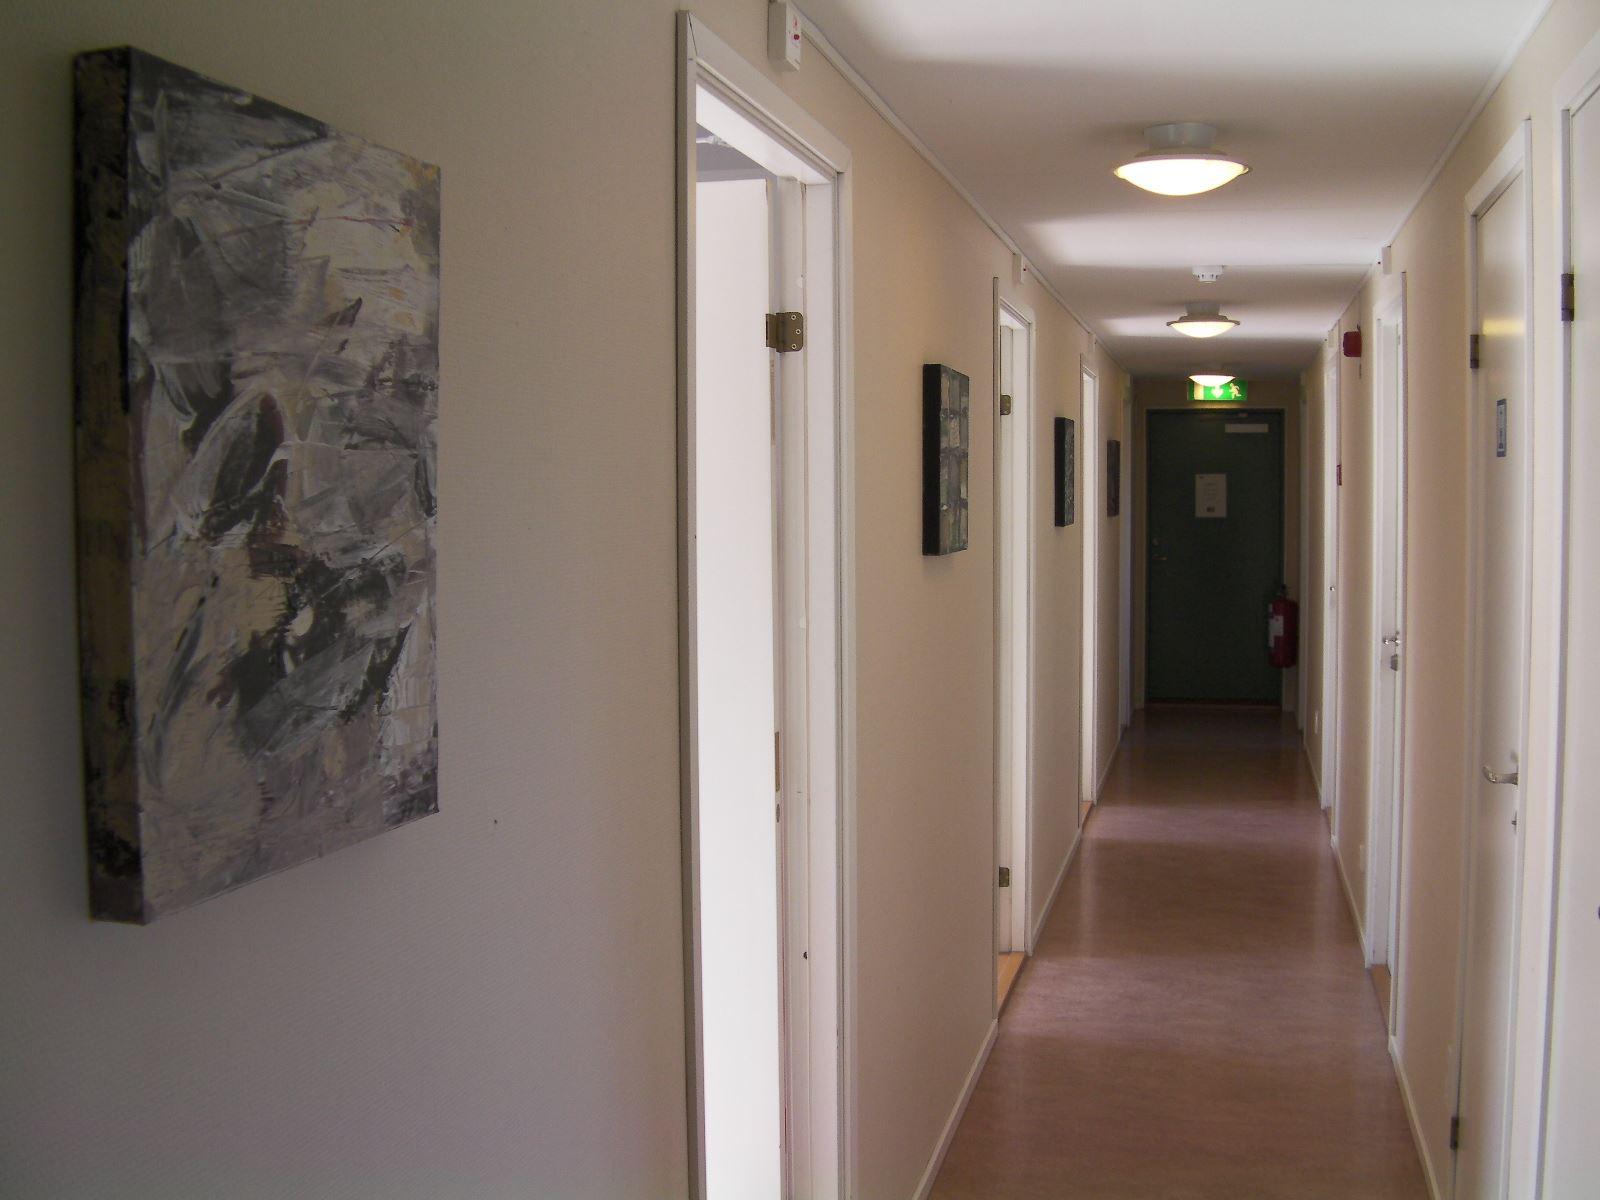 Helsingborg Hostel und B&B Nyckelbo i Laröd, SVIF